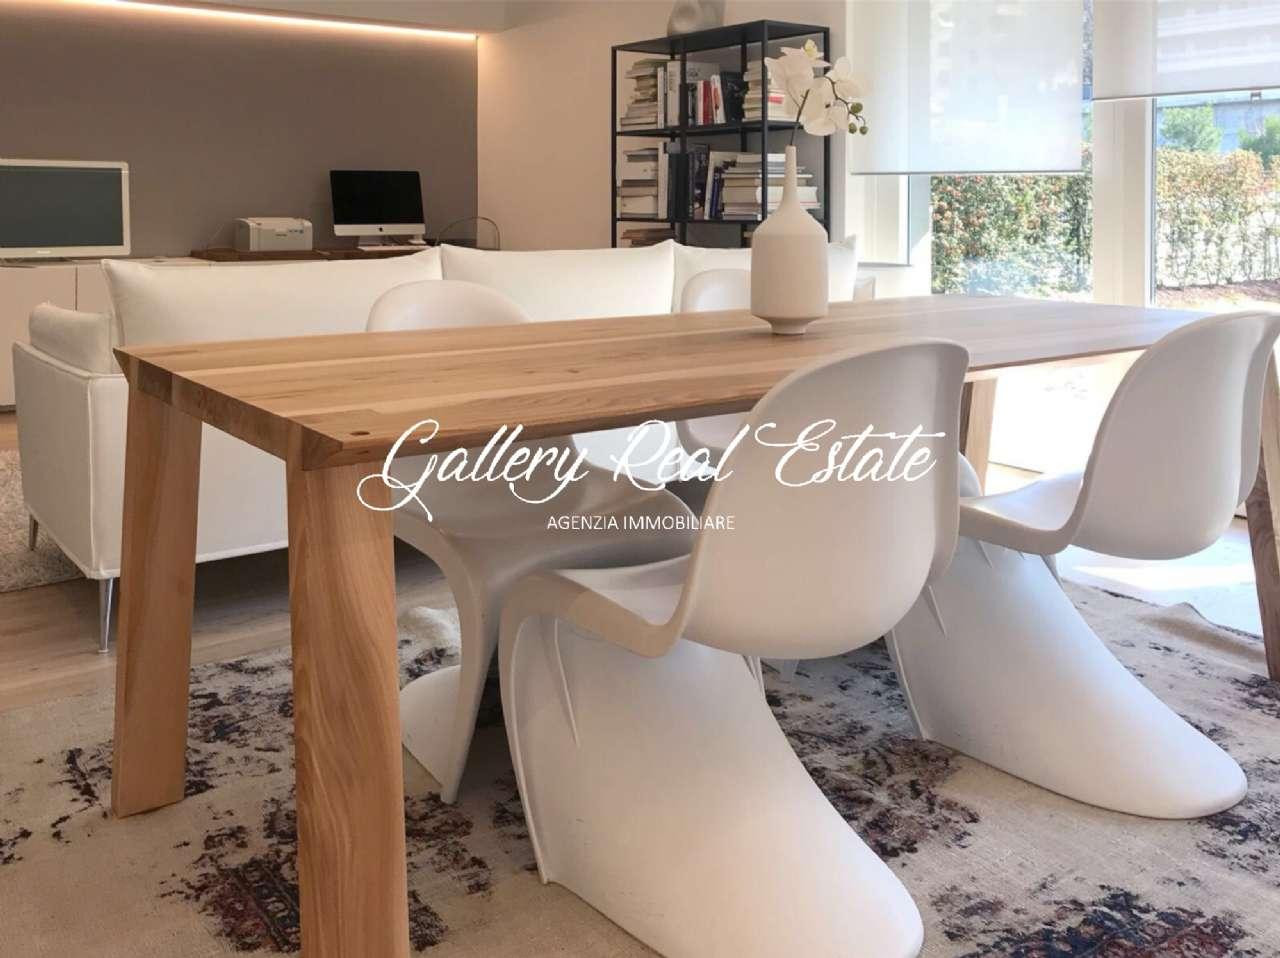 Appartamento in vendita a Trieste, 4 locali, prezzo € 445.000 | PortaleAgenzieImmobiliari.it